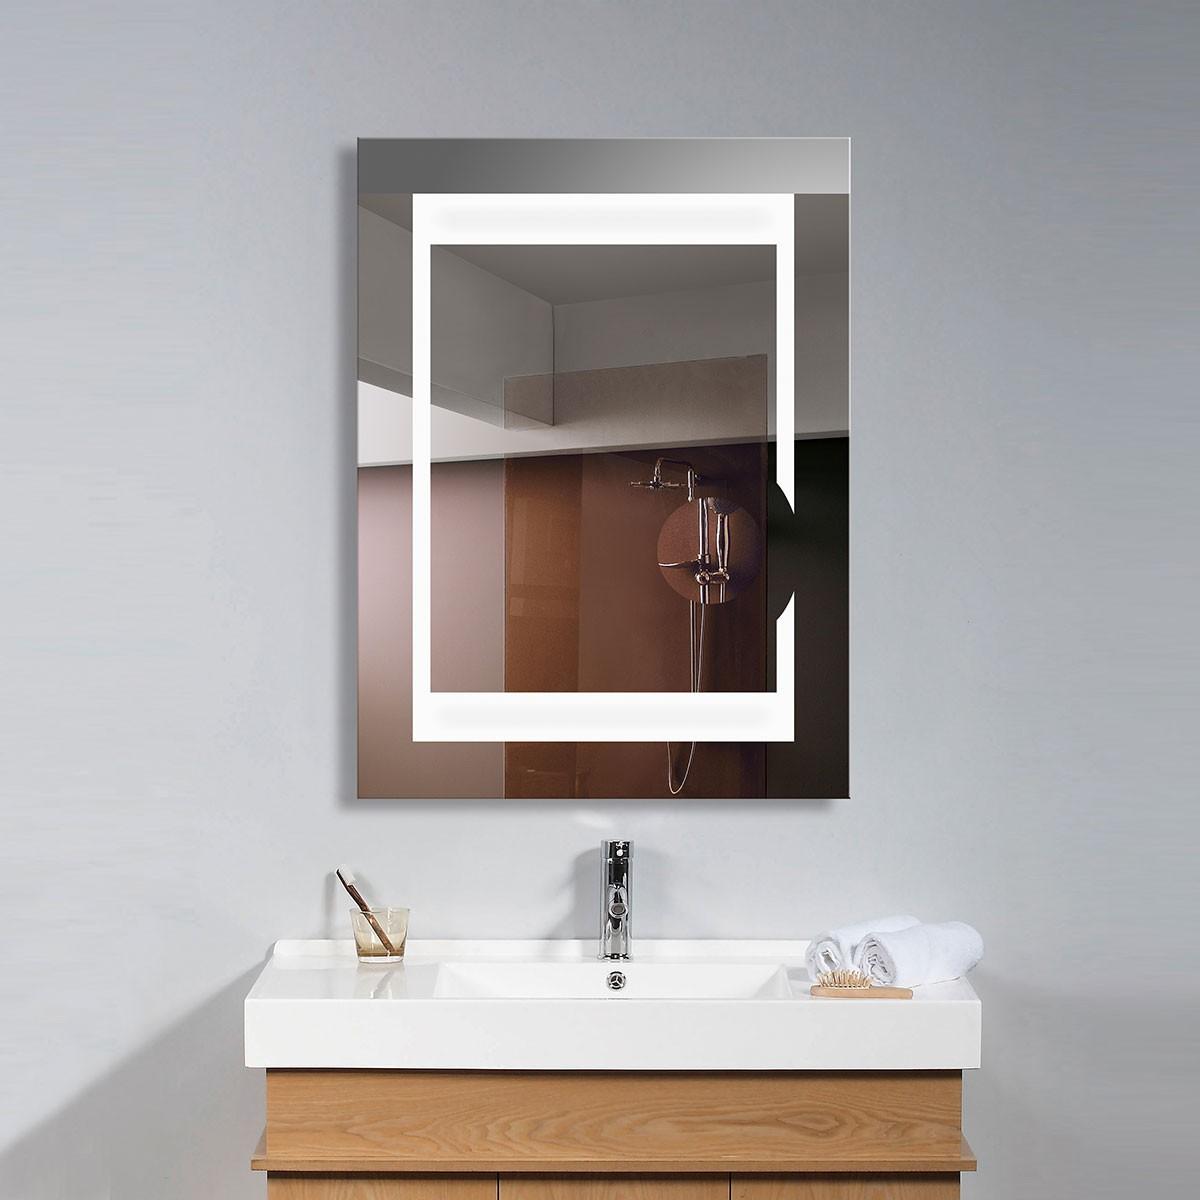 24 x 32 po miroir vertical argent led salle de bains avec loupe circulaire et interrupteur bi - Interrupteur miroir salle de bain ...